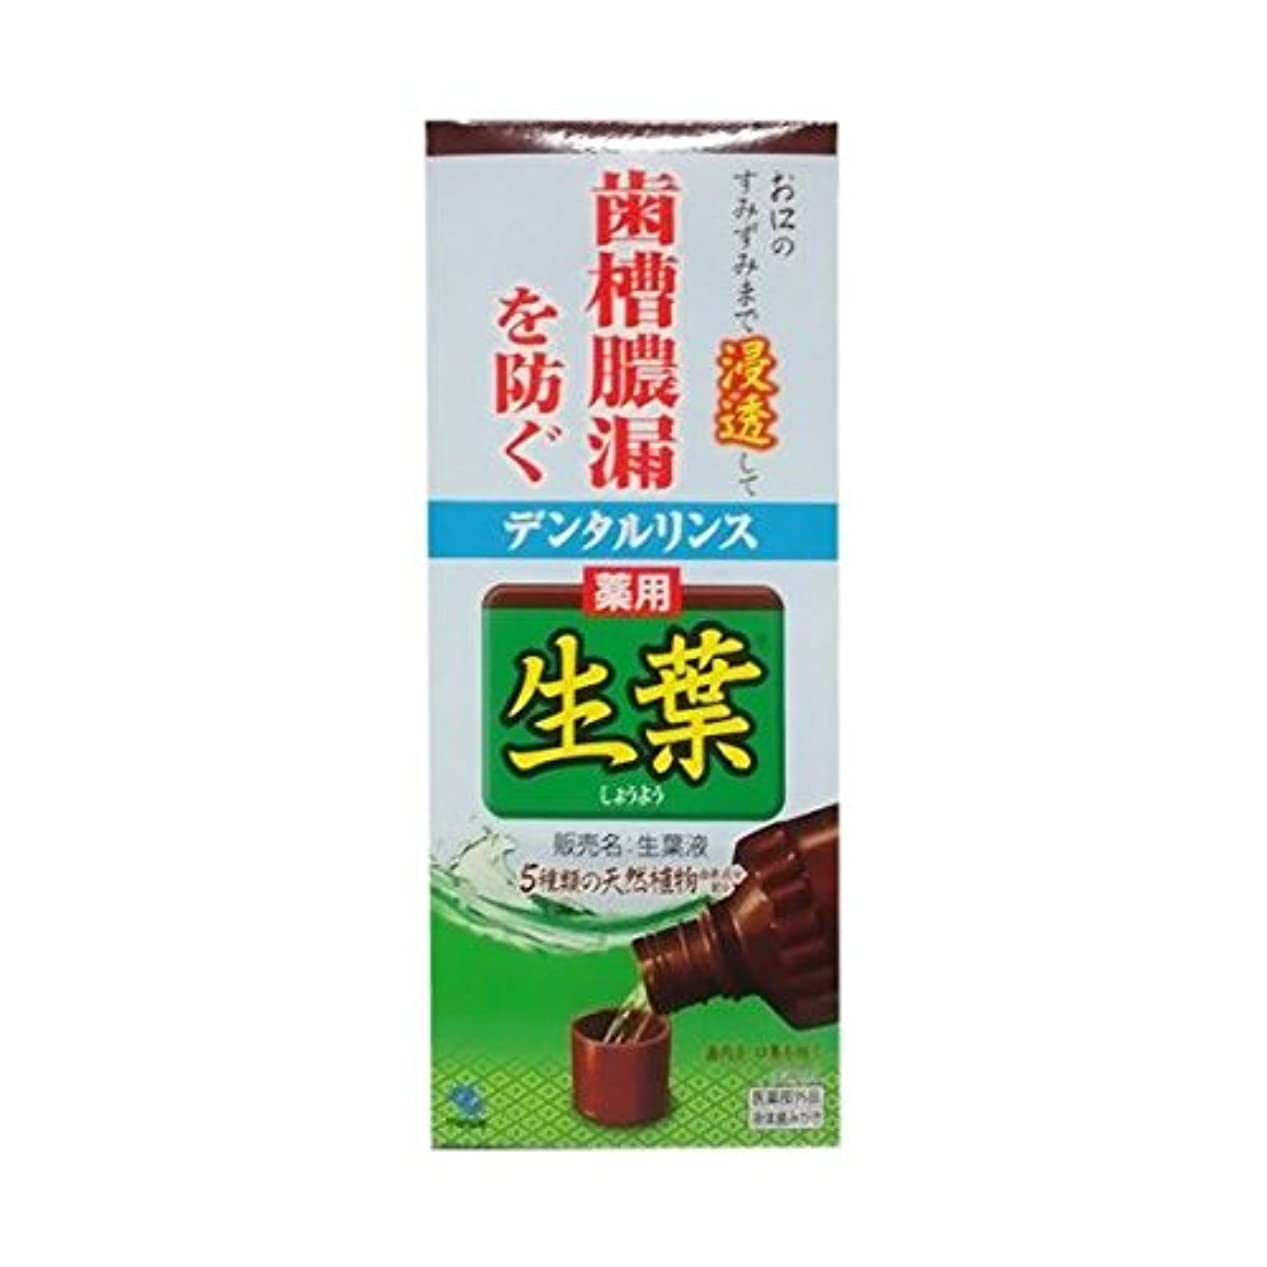 そよ風灌漑愛【お徳用 3 セット】 薬用 生葉液 330ml×3セット